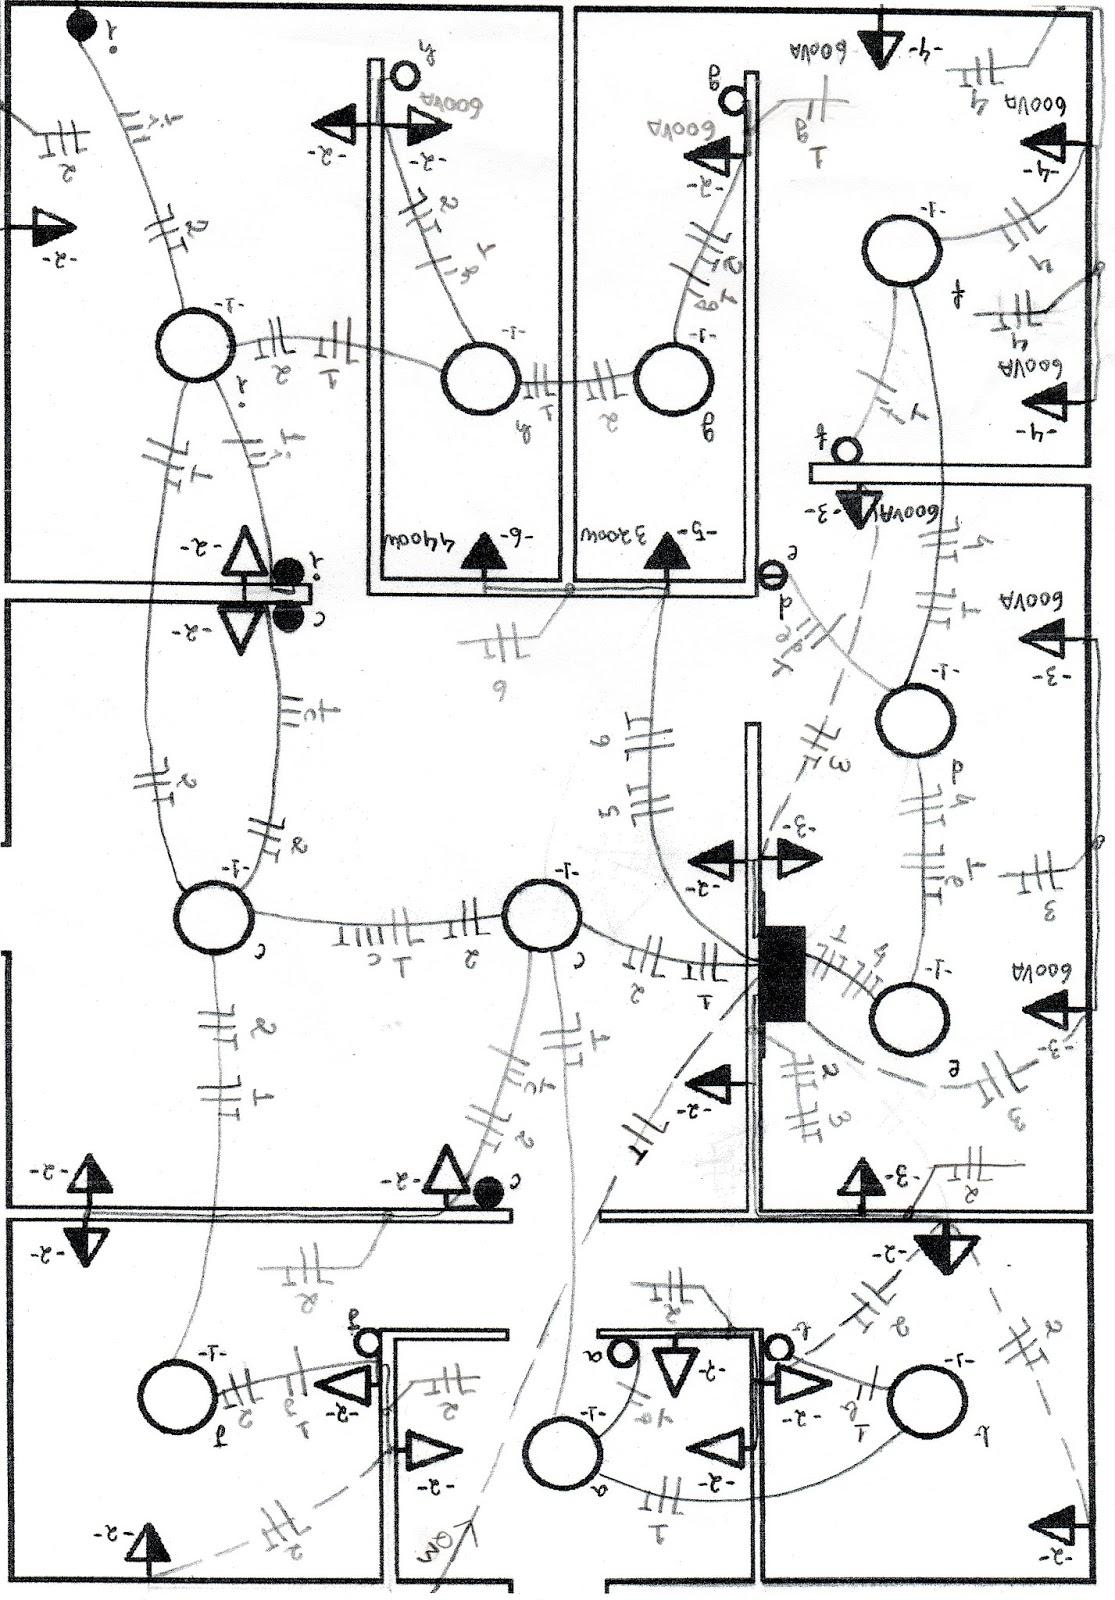 Schema Elettrico Hoverboard Como Dividir Circuito